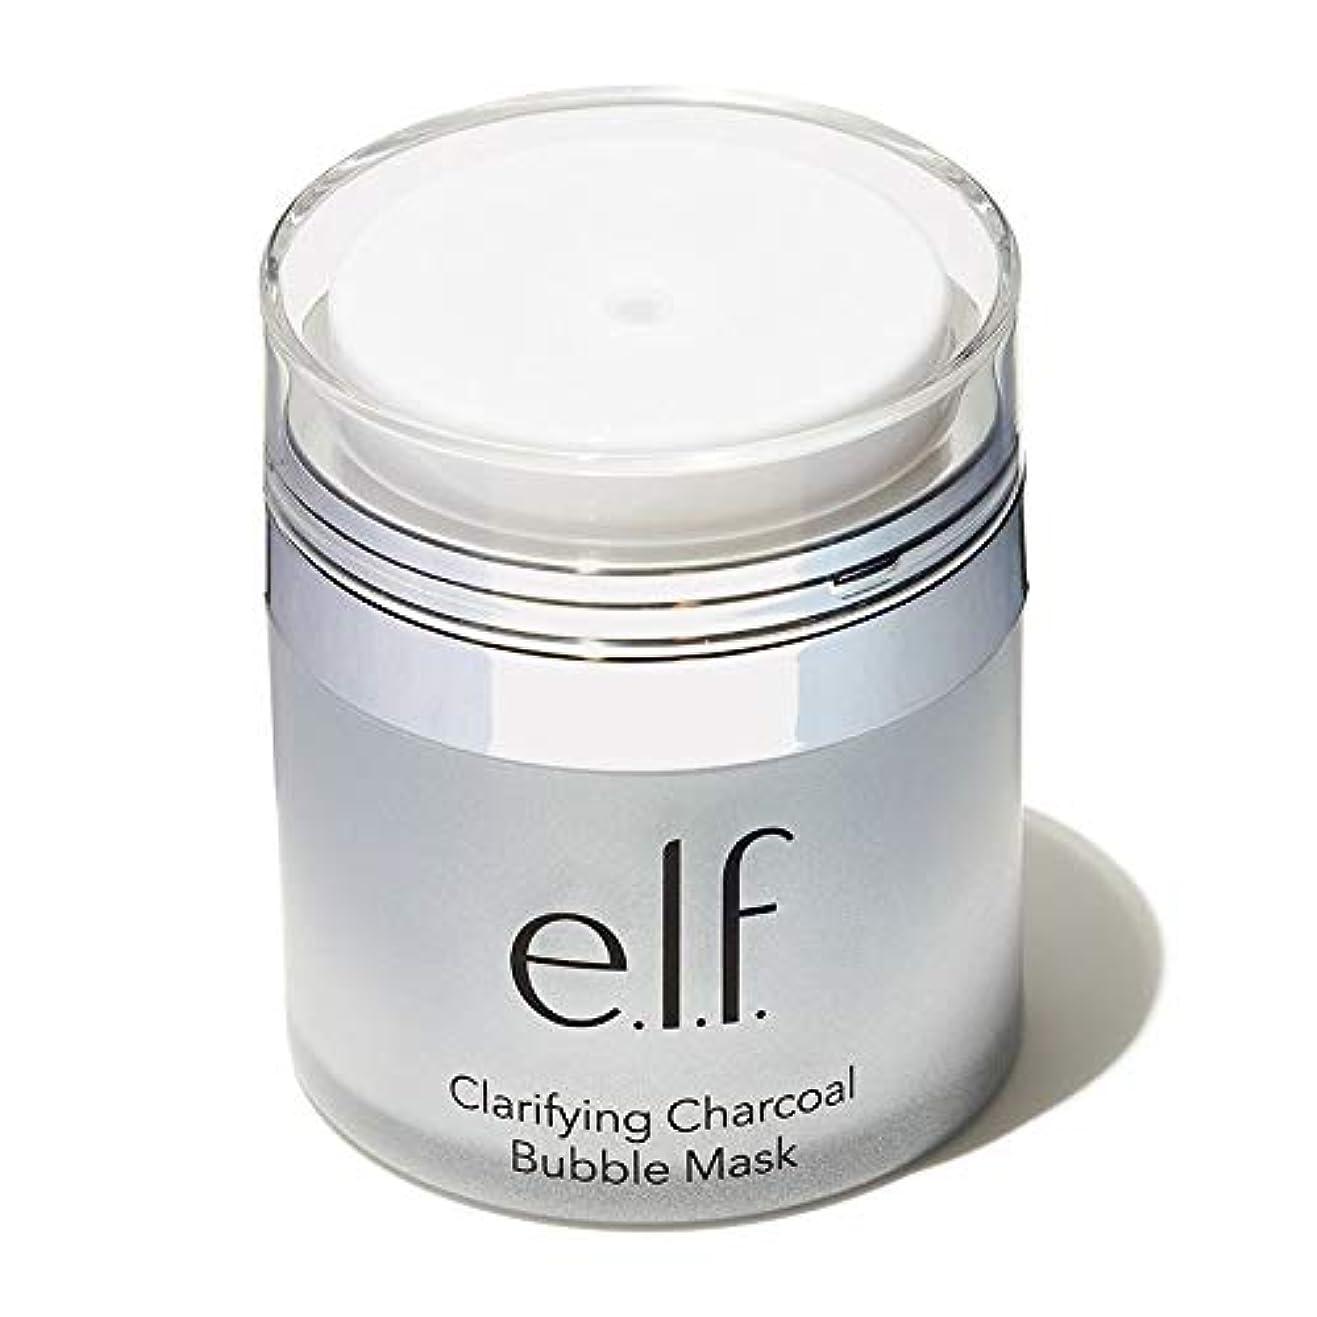 発疹技術的なかもしれないe.l.f. Clarifying Charcoal Bubble Mask (並行輸入品)